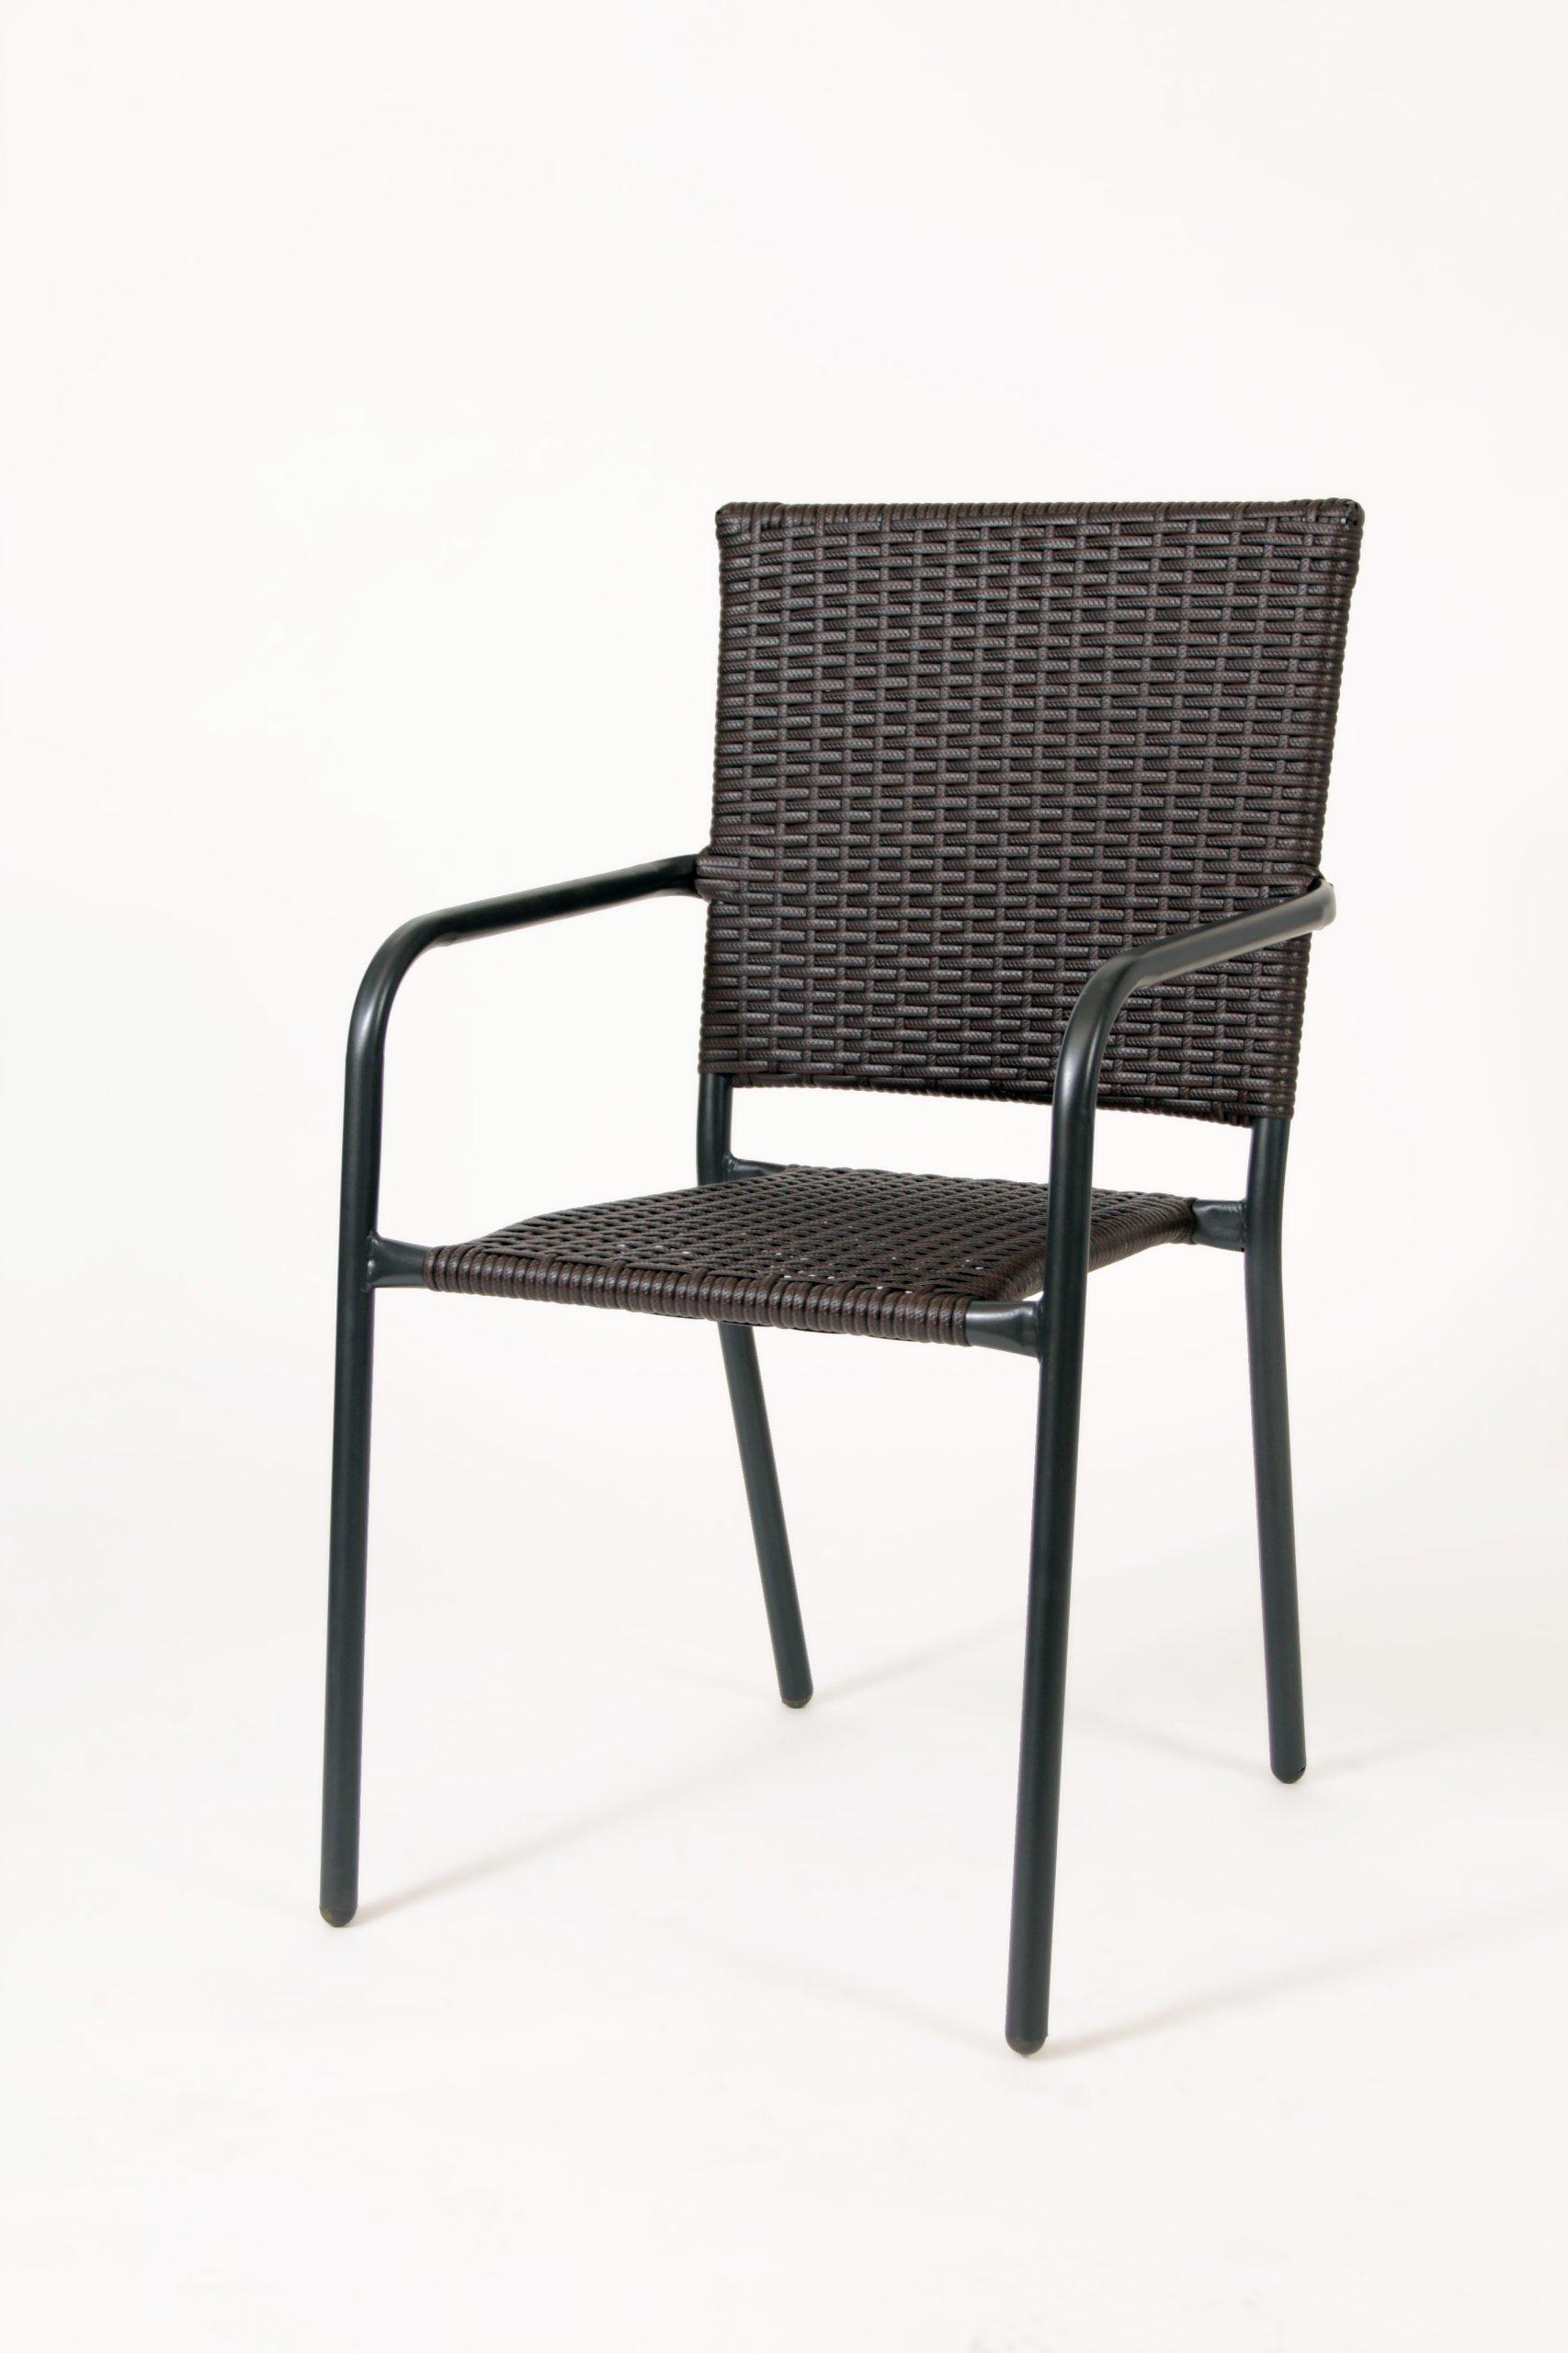 Krzesło Ogrodowe Balkonowe Tarasowe Ratanowe Ratan